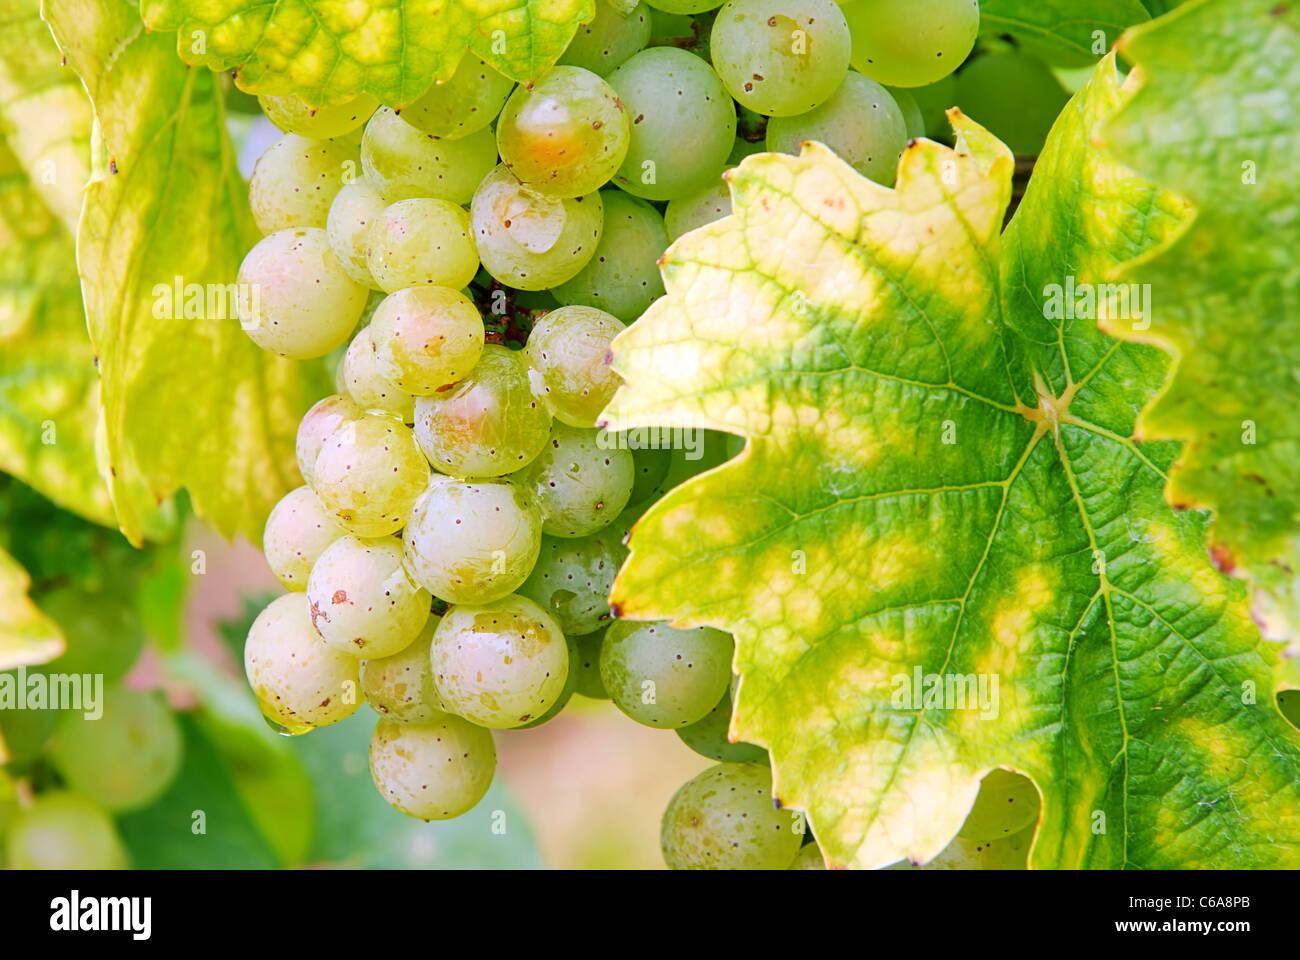 Weintraube weiss - grape white 11 Stock Photo